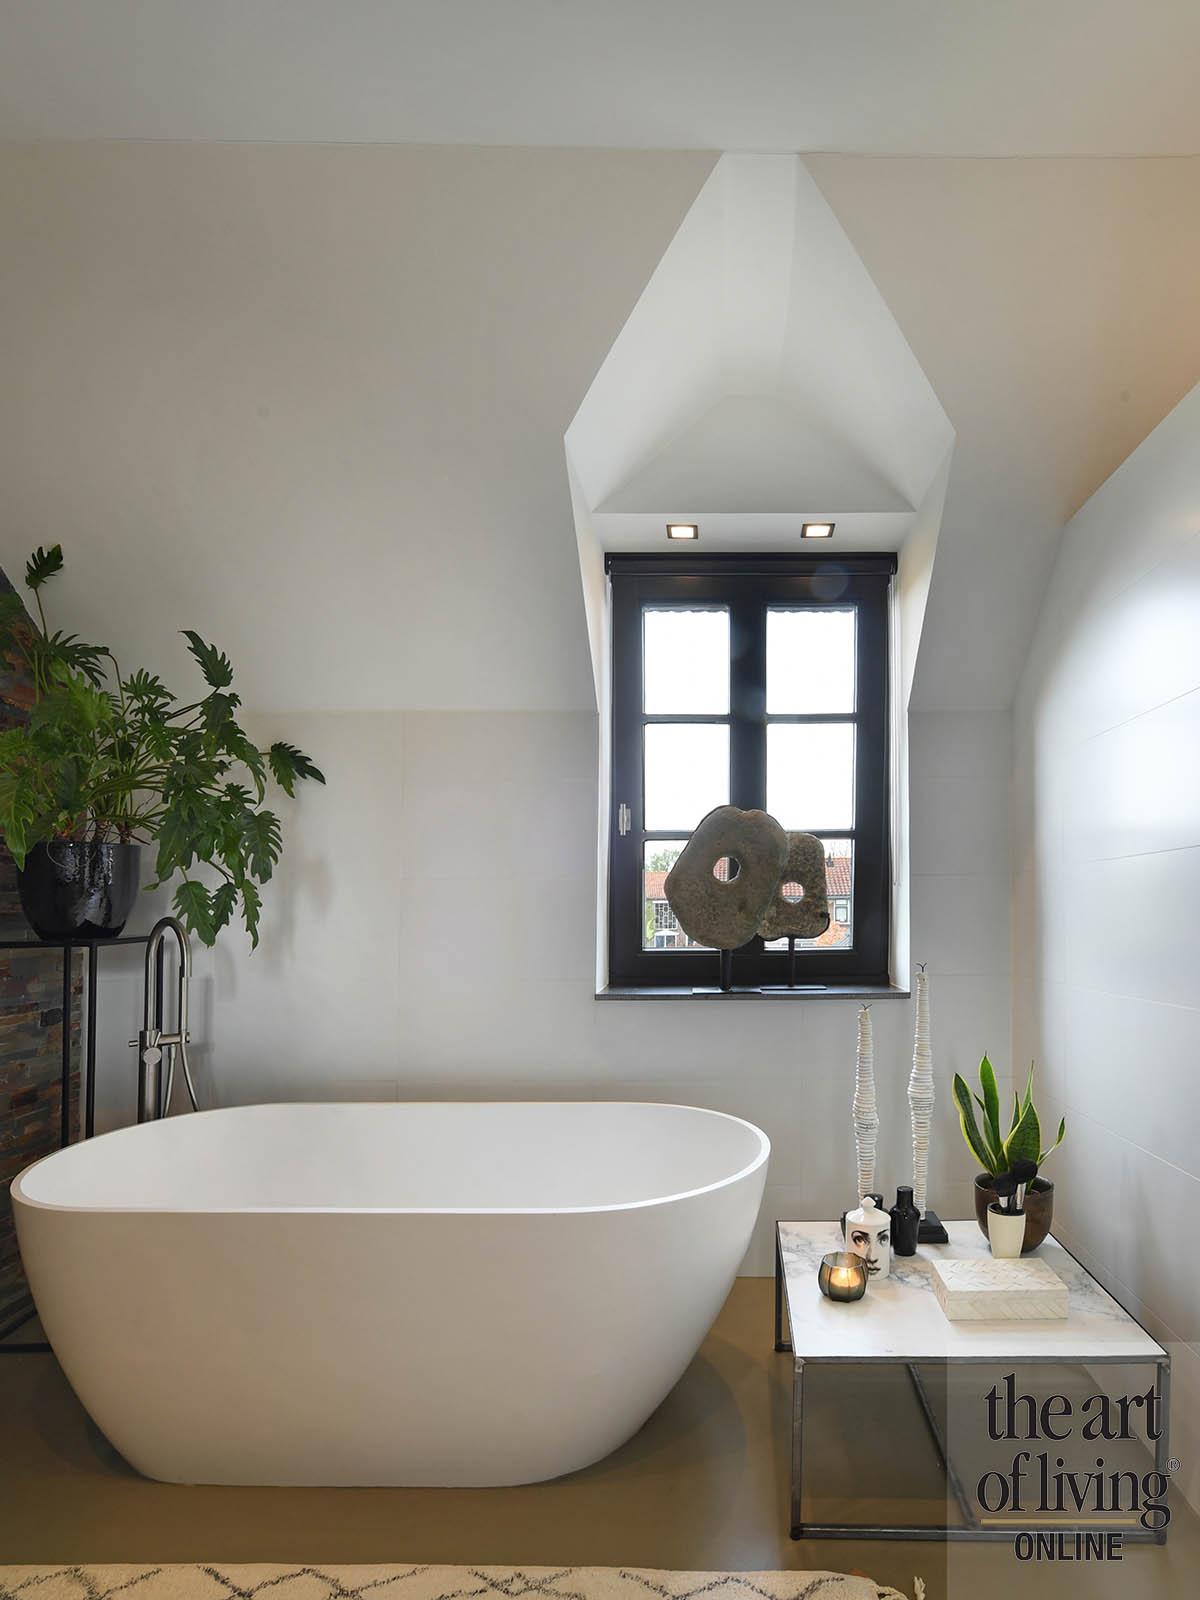 landelijk interieur | By Cherny, the art of living